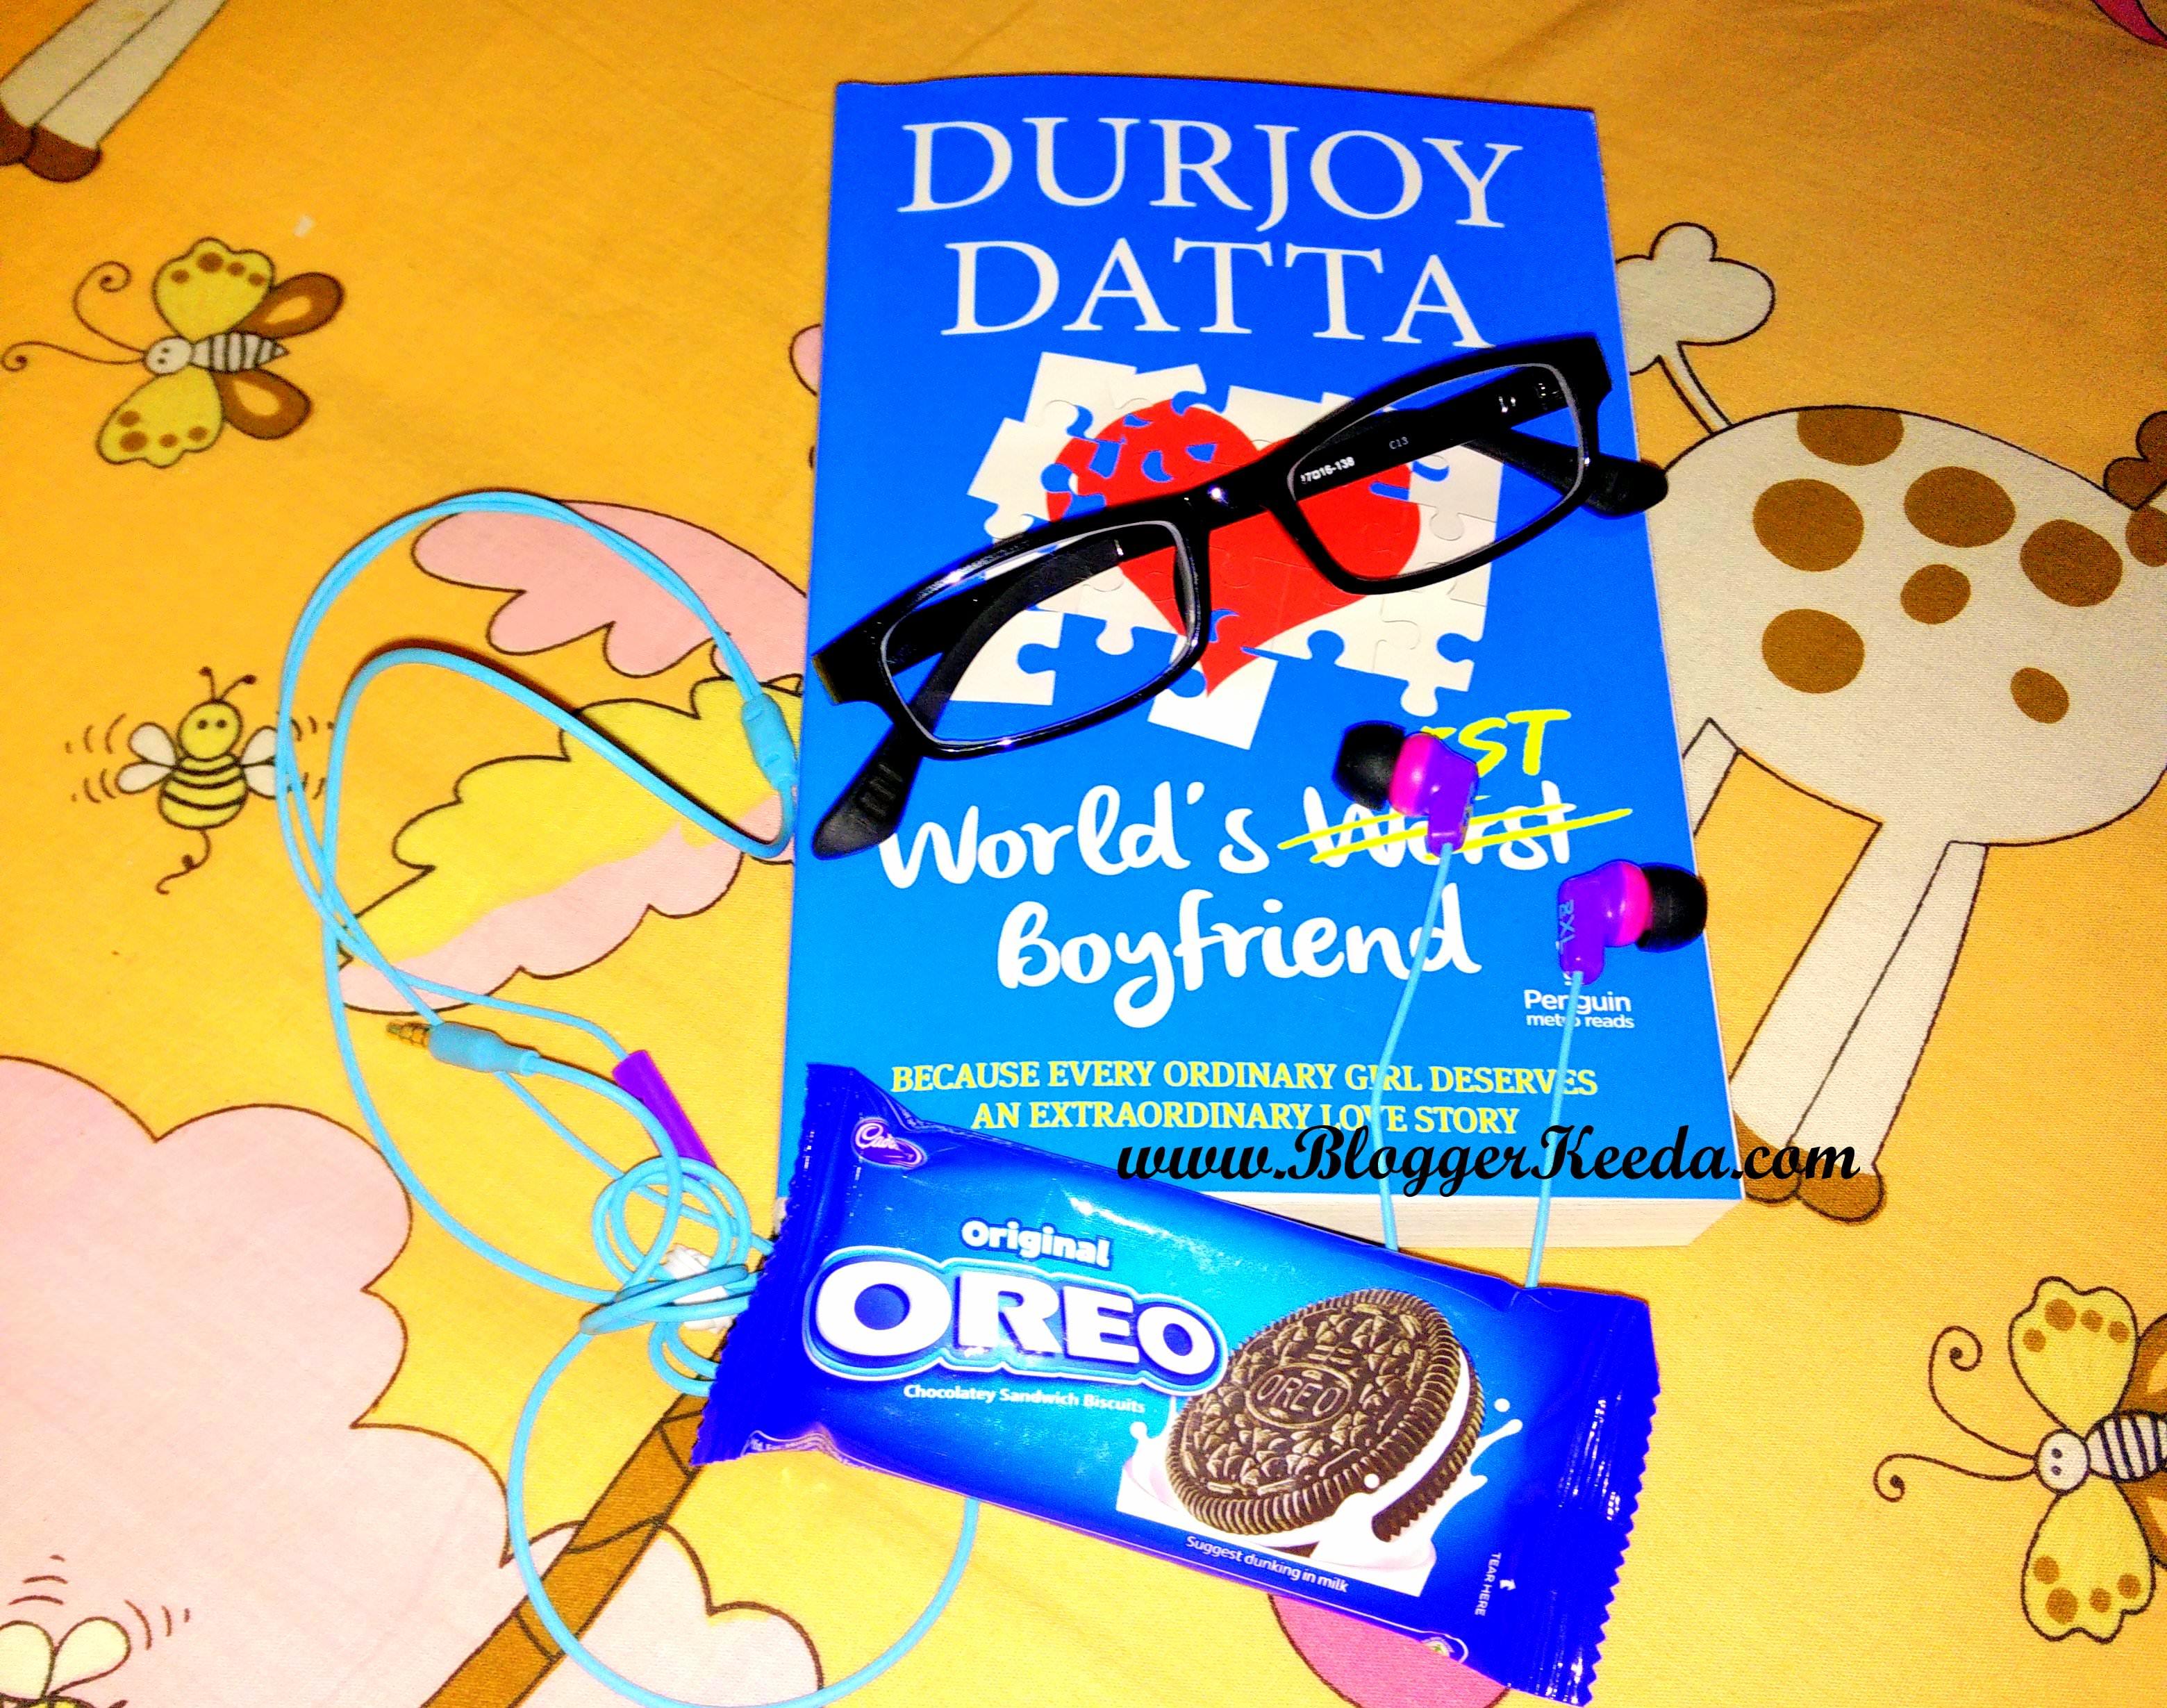 Worlds Best Boyfriend by Durjoy Datta 01